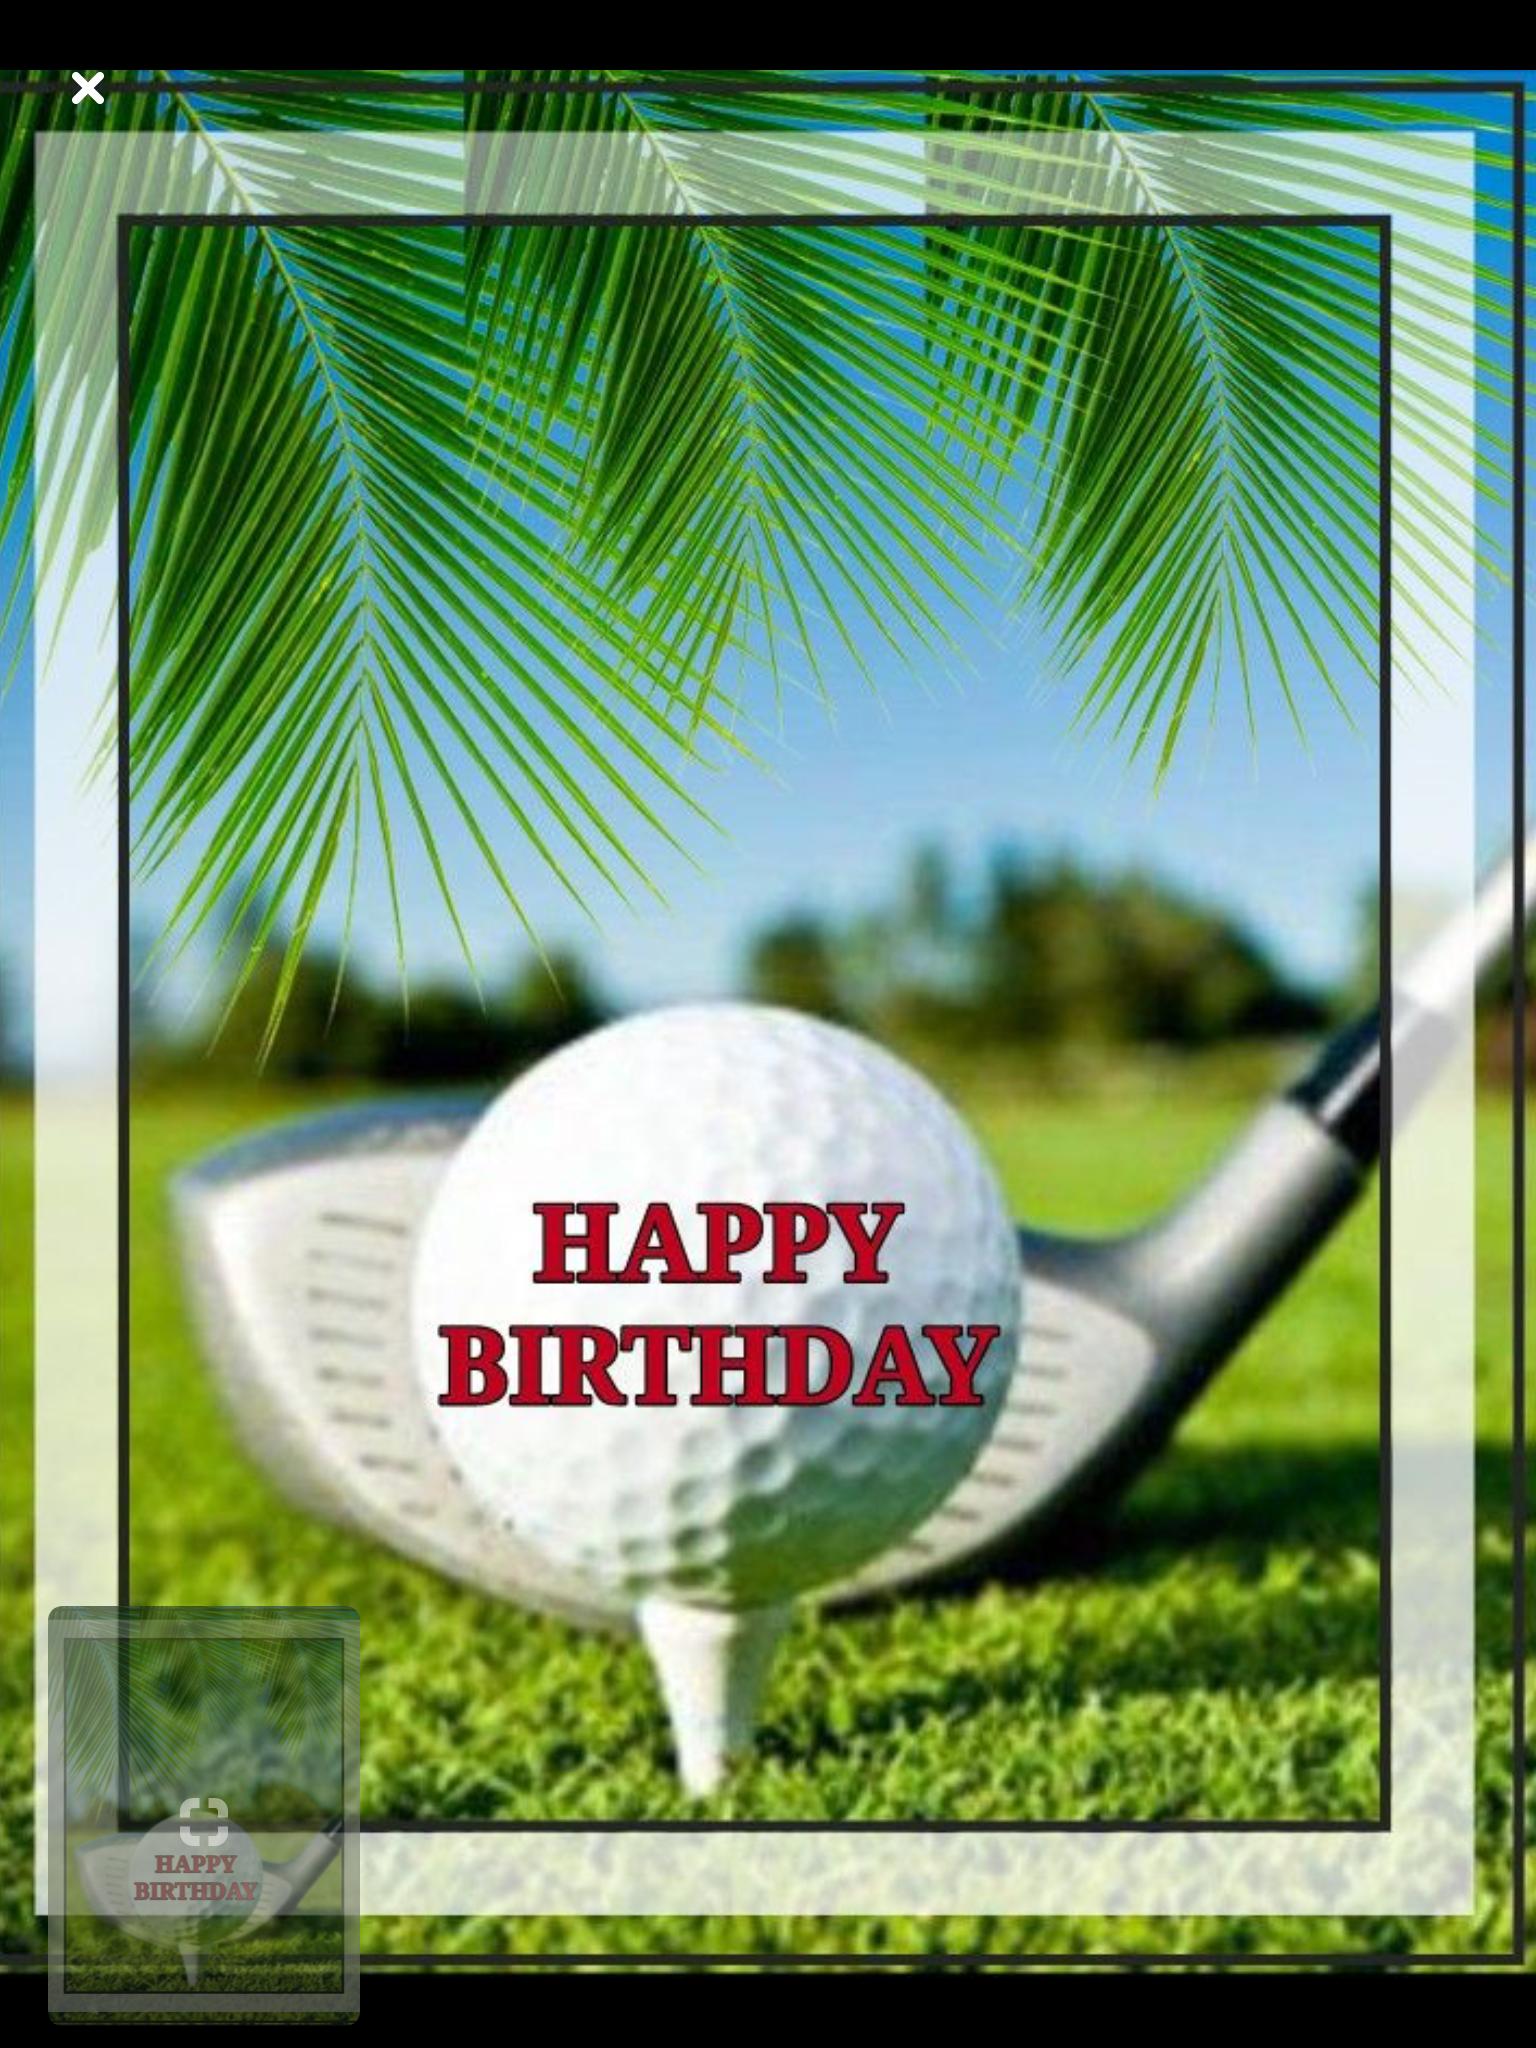 Pin By Marlies Luyten On Verjaardag Happy Birthday Golf Birthday Wishes Happy Birthday